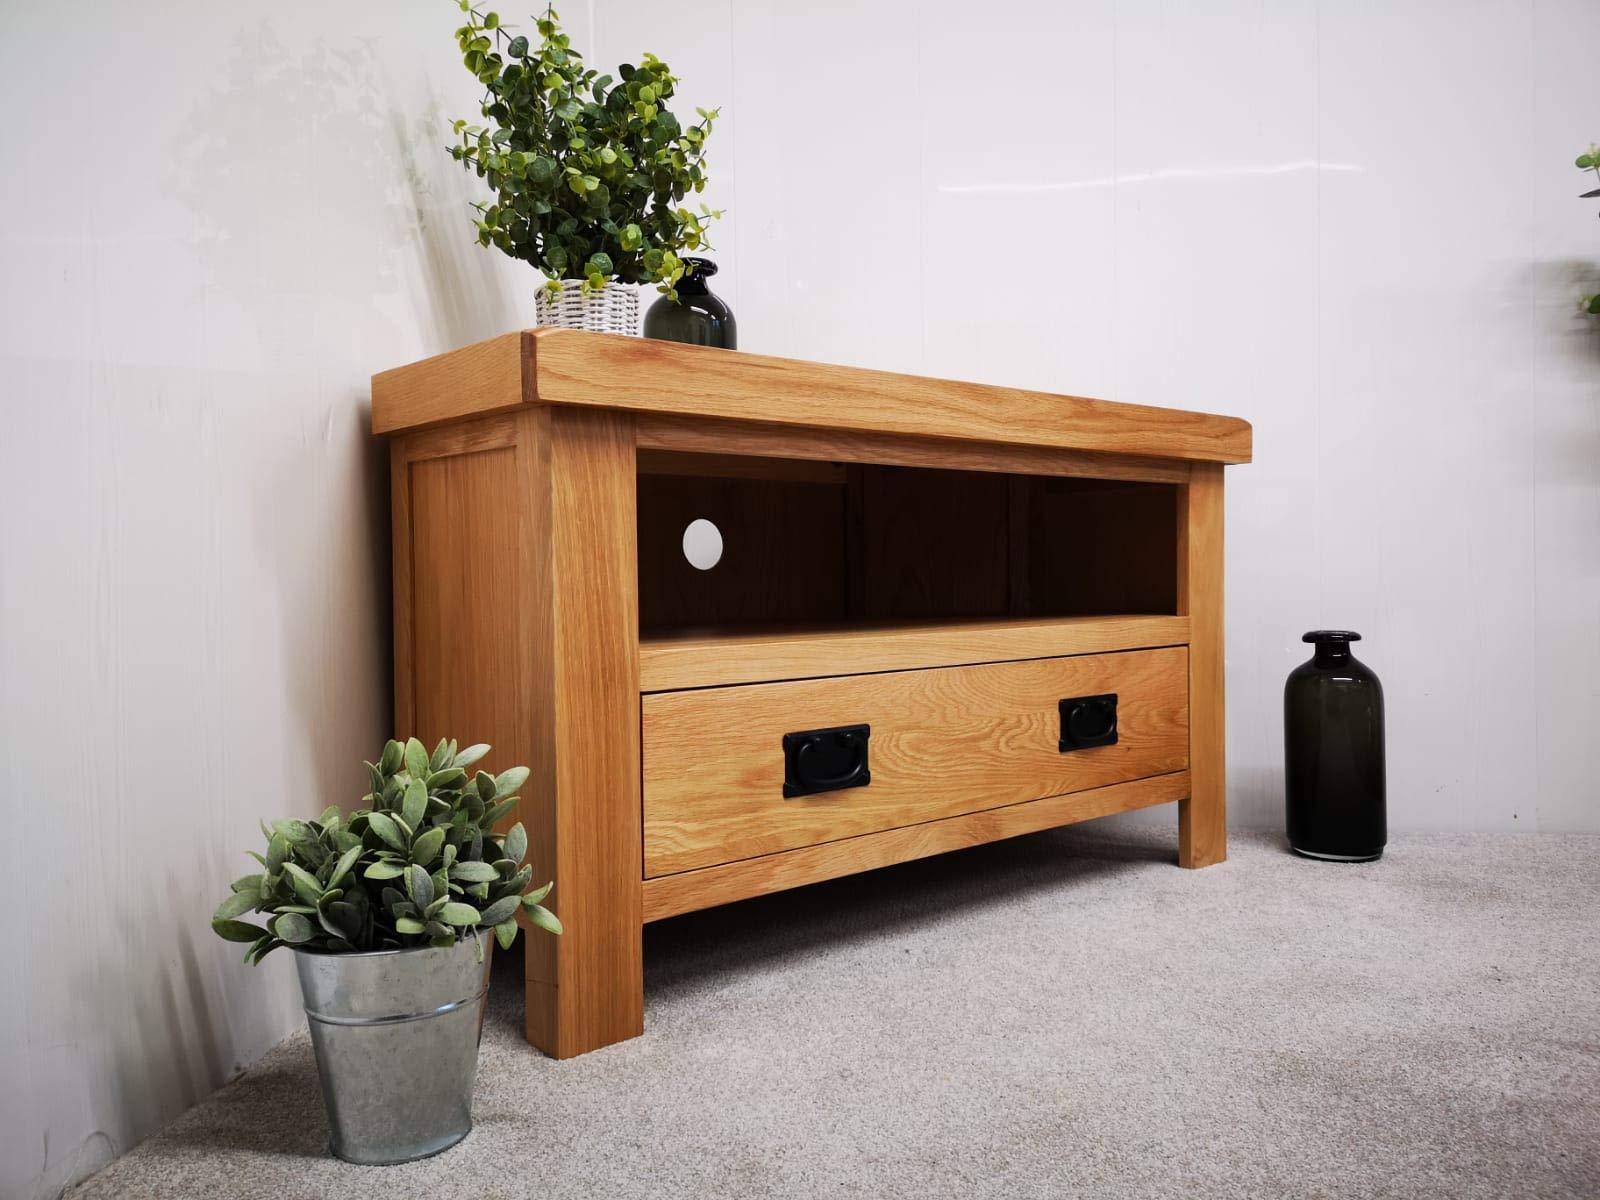 Wahwah Home Kelso - Mueble esquinero para televisor (Madera de Roble): Amazon.es: Hogar